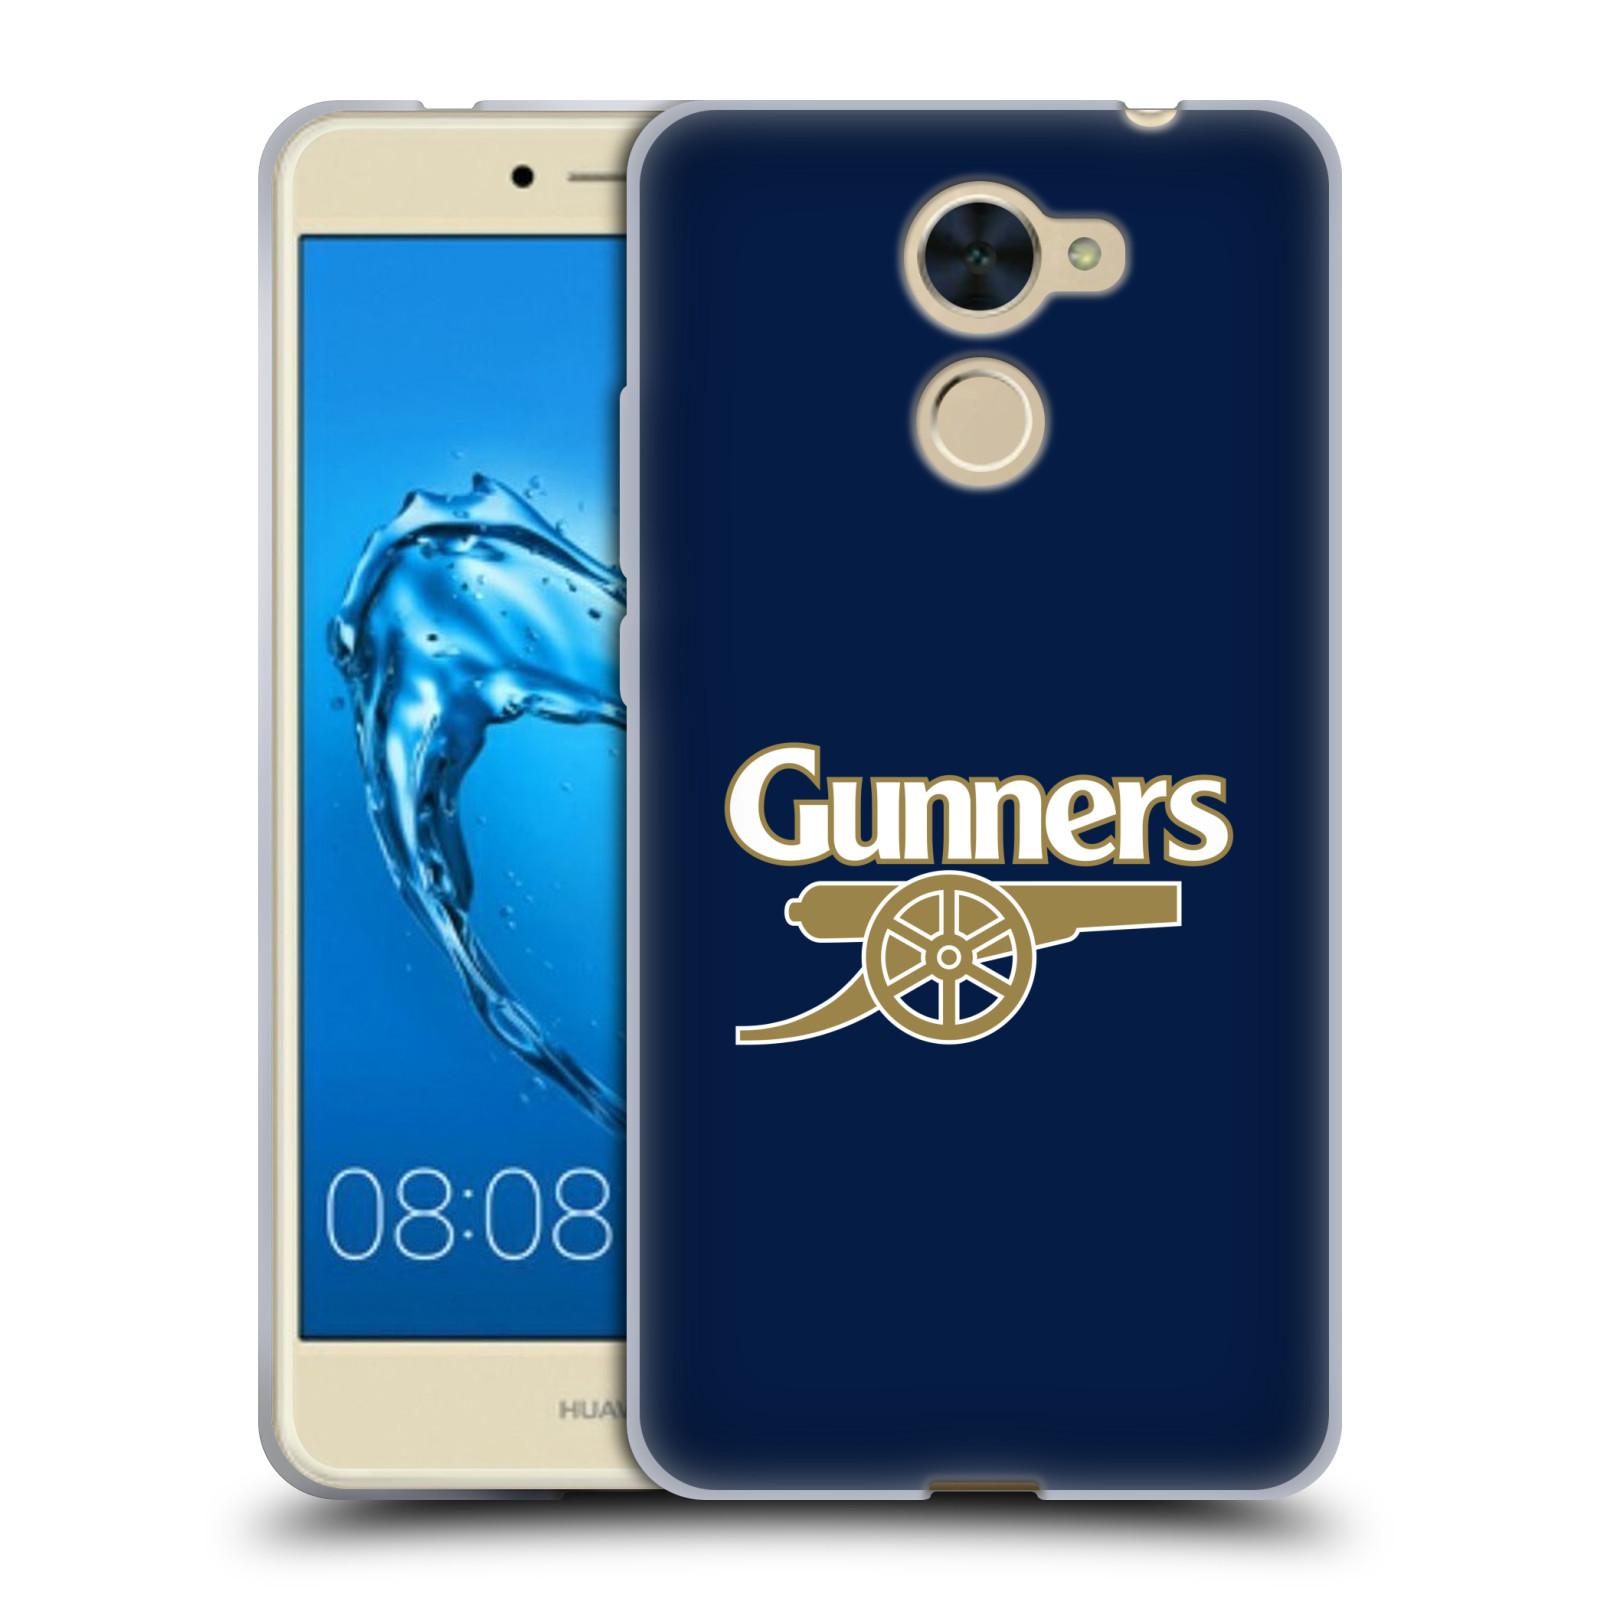 Silikonové pouzdro na mobil Huawei Y7 - Head Case - Arsenal FC - Gunners